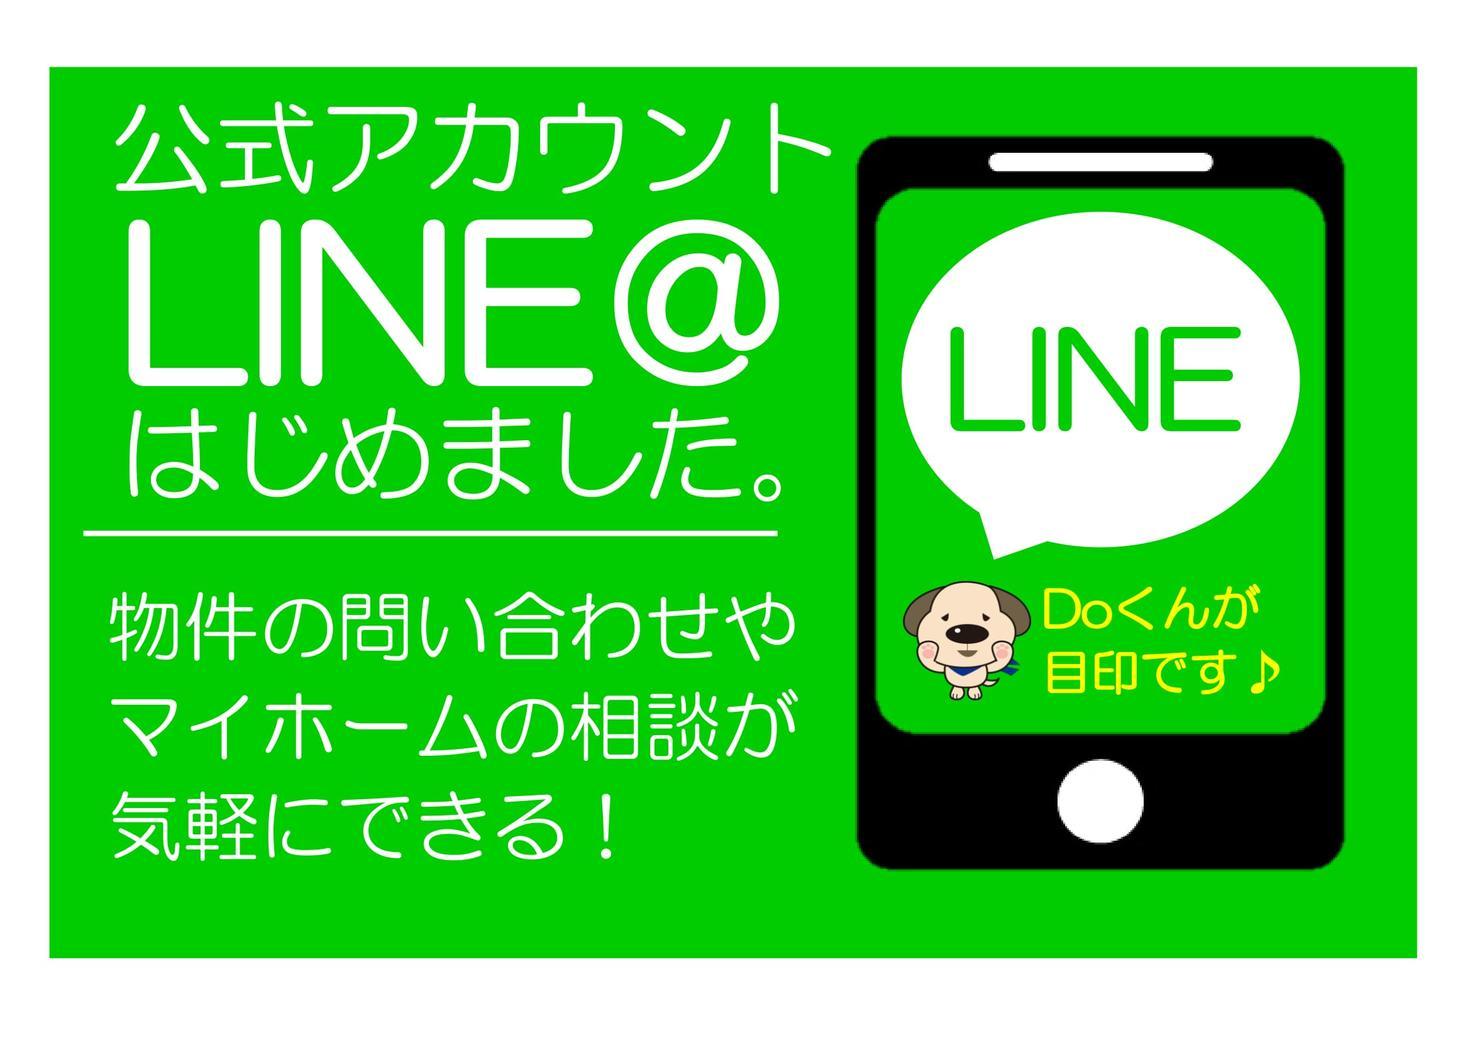 LINEで気軽にお問い合わせ